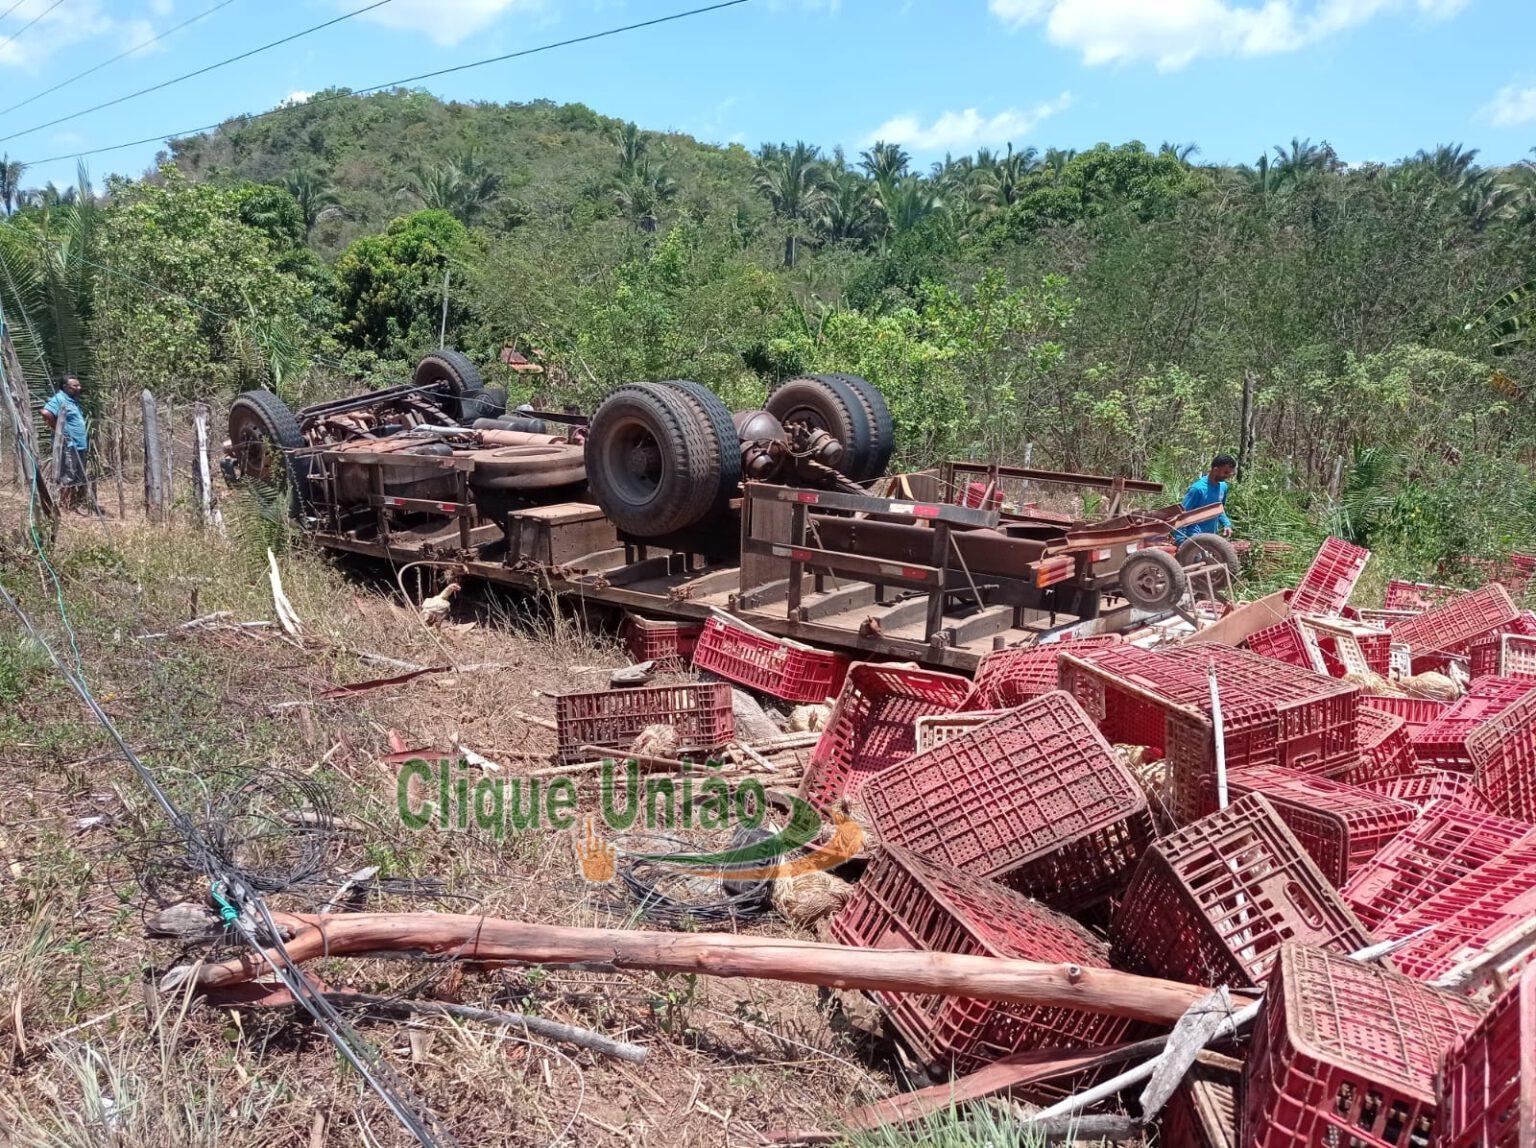 Segundo a Polícia Militar, dois homens estavam no veículo - Foto: Reprodução/Clique União